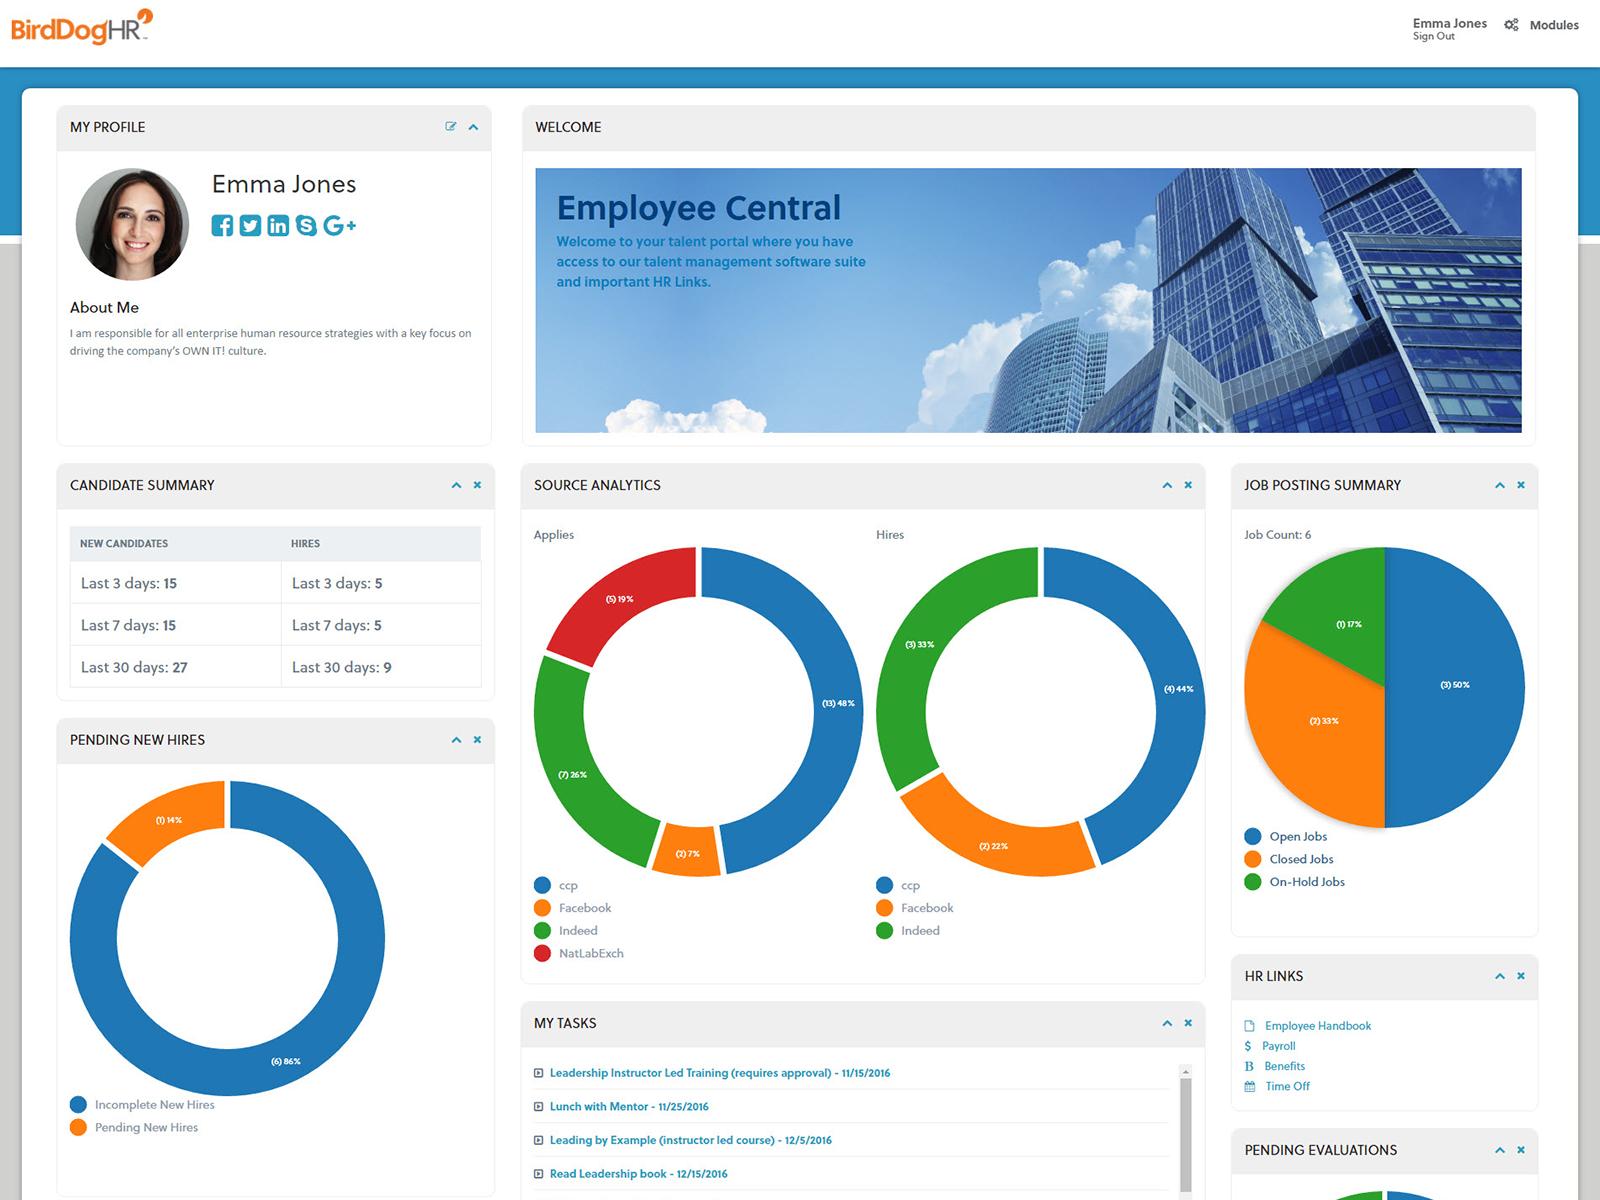 BirdDogHR Talent Management Suite - User and Role-Based Dashboard